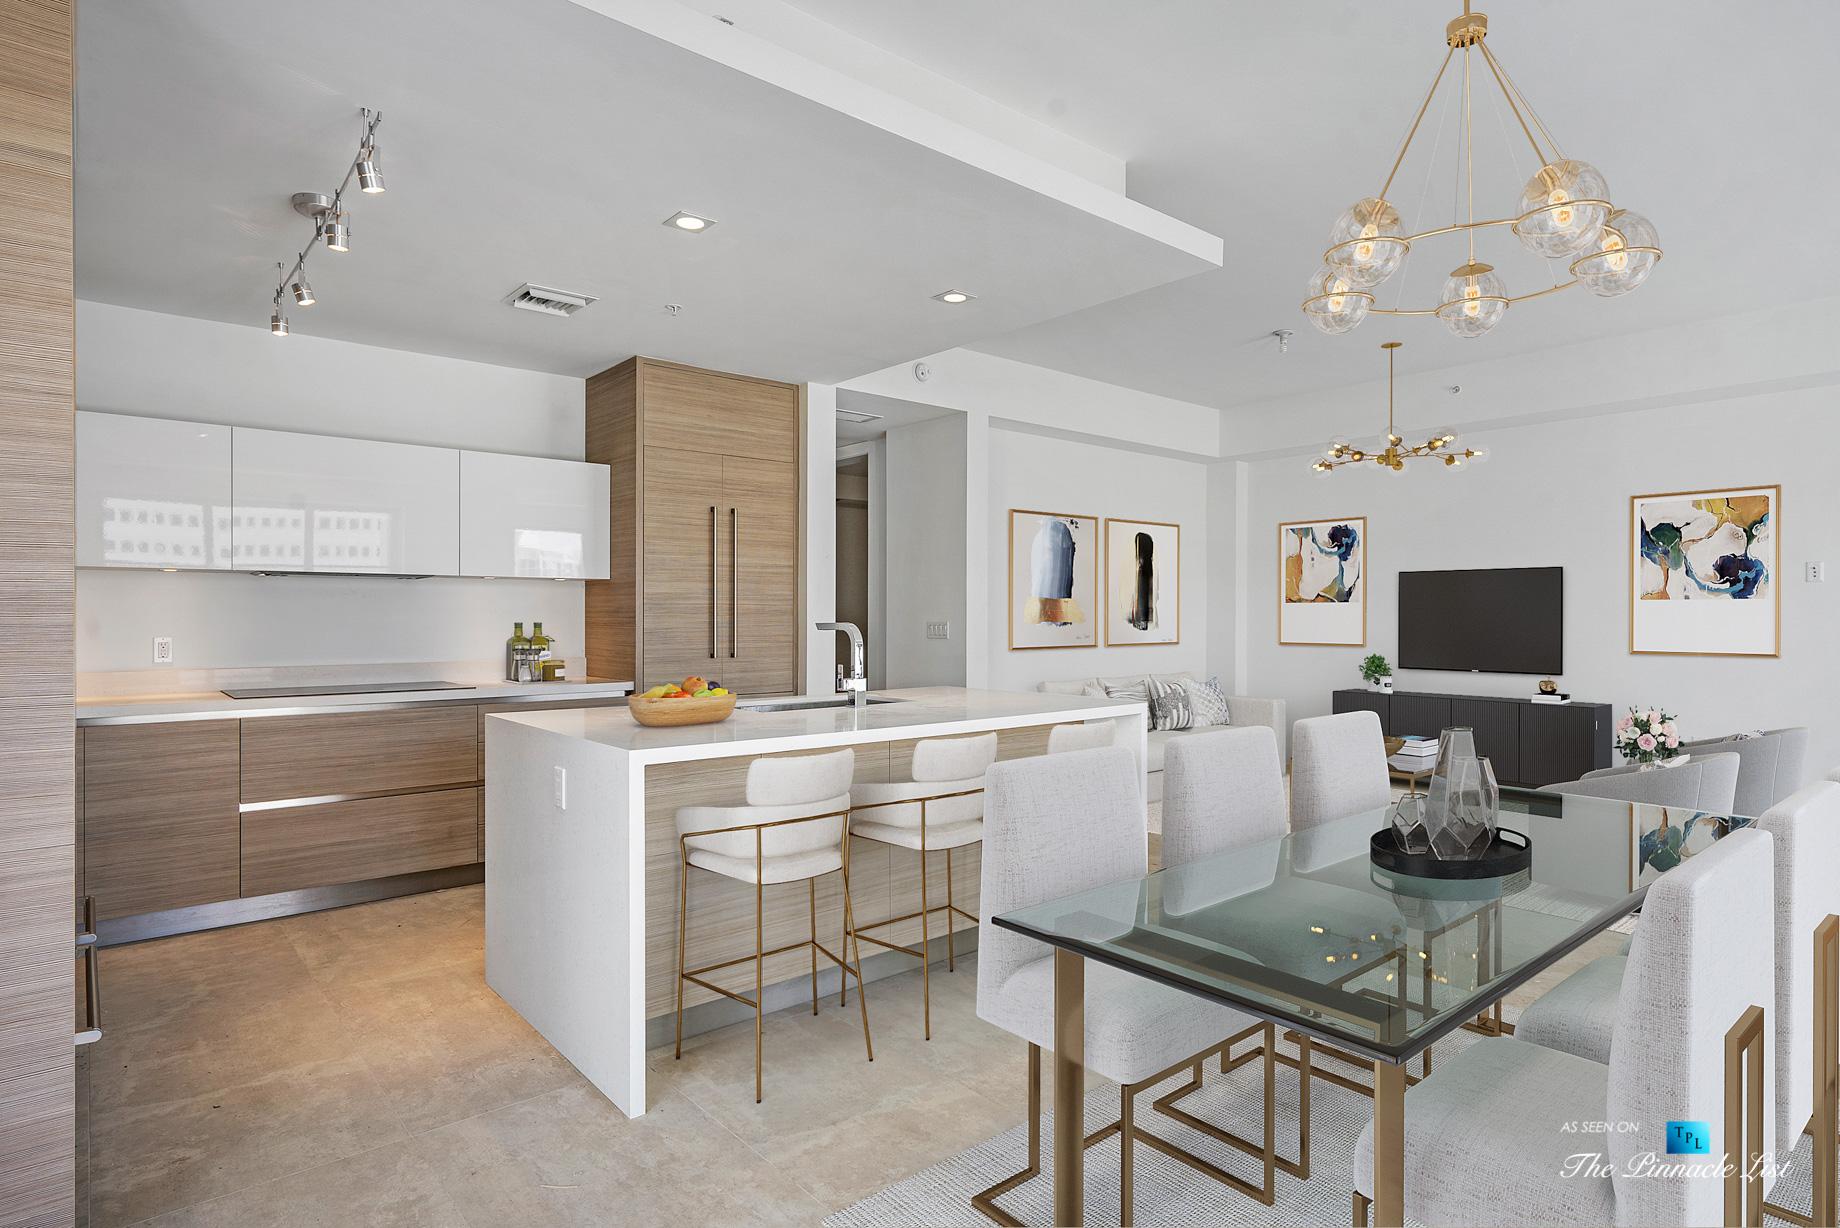 Boca Tower 155 Luxury Condo - Unit 416, 155 E Boca Raton Rd, Boca Raton, FL, USA - Kitchen and Dining Area